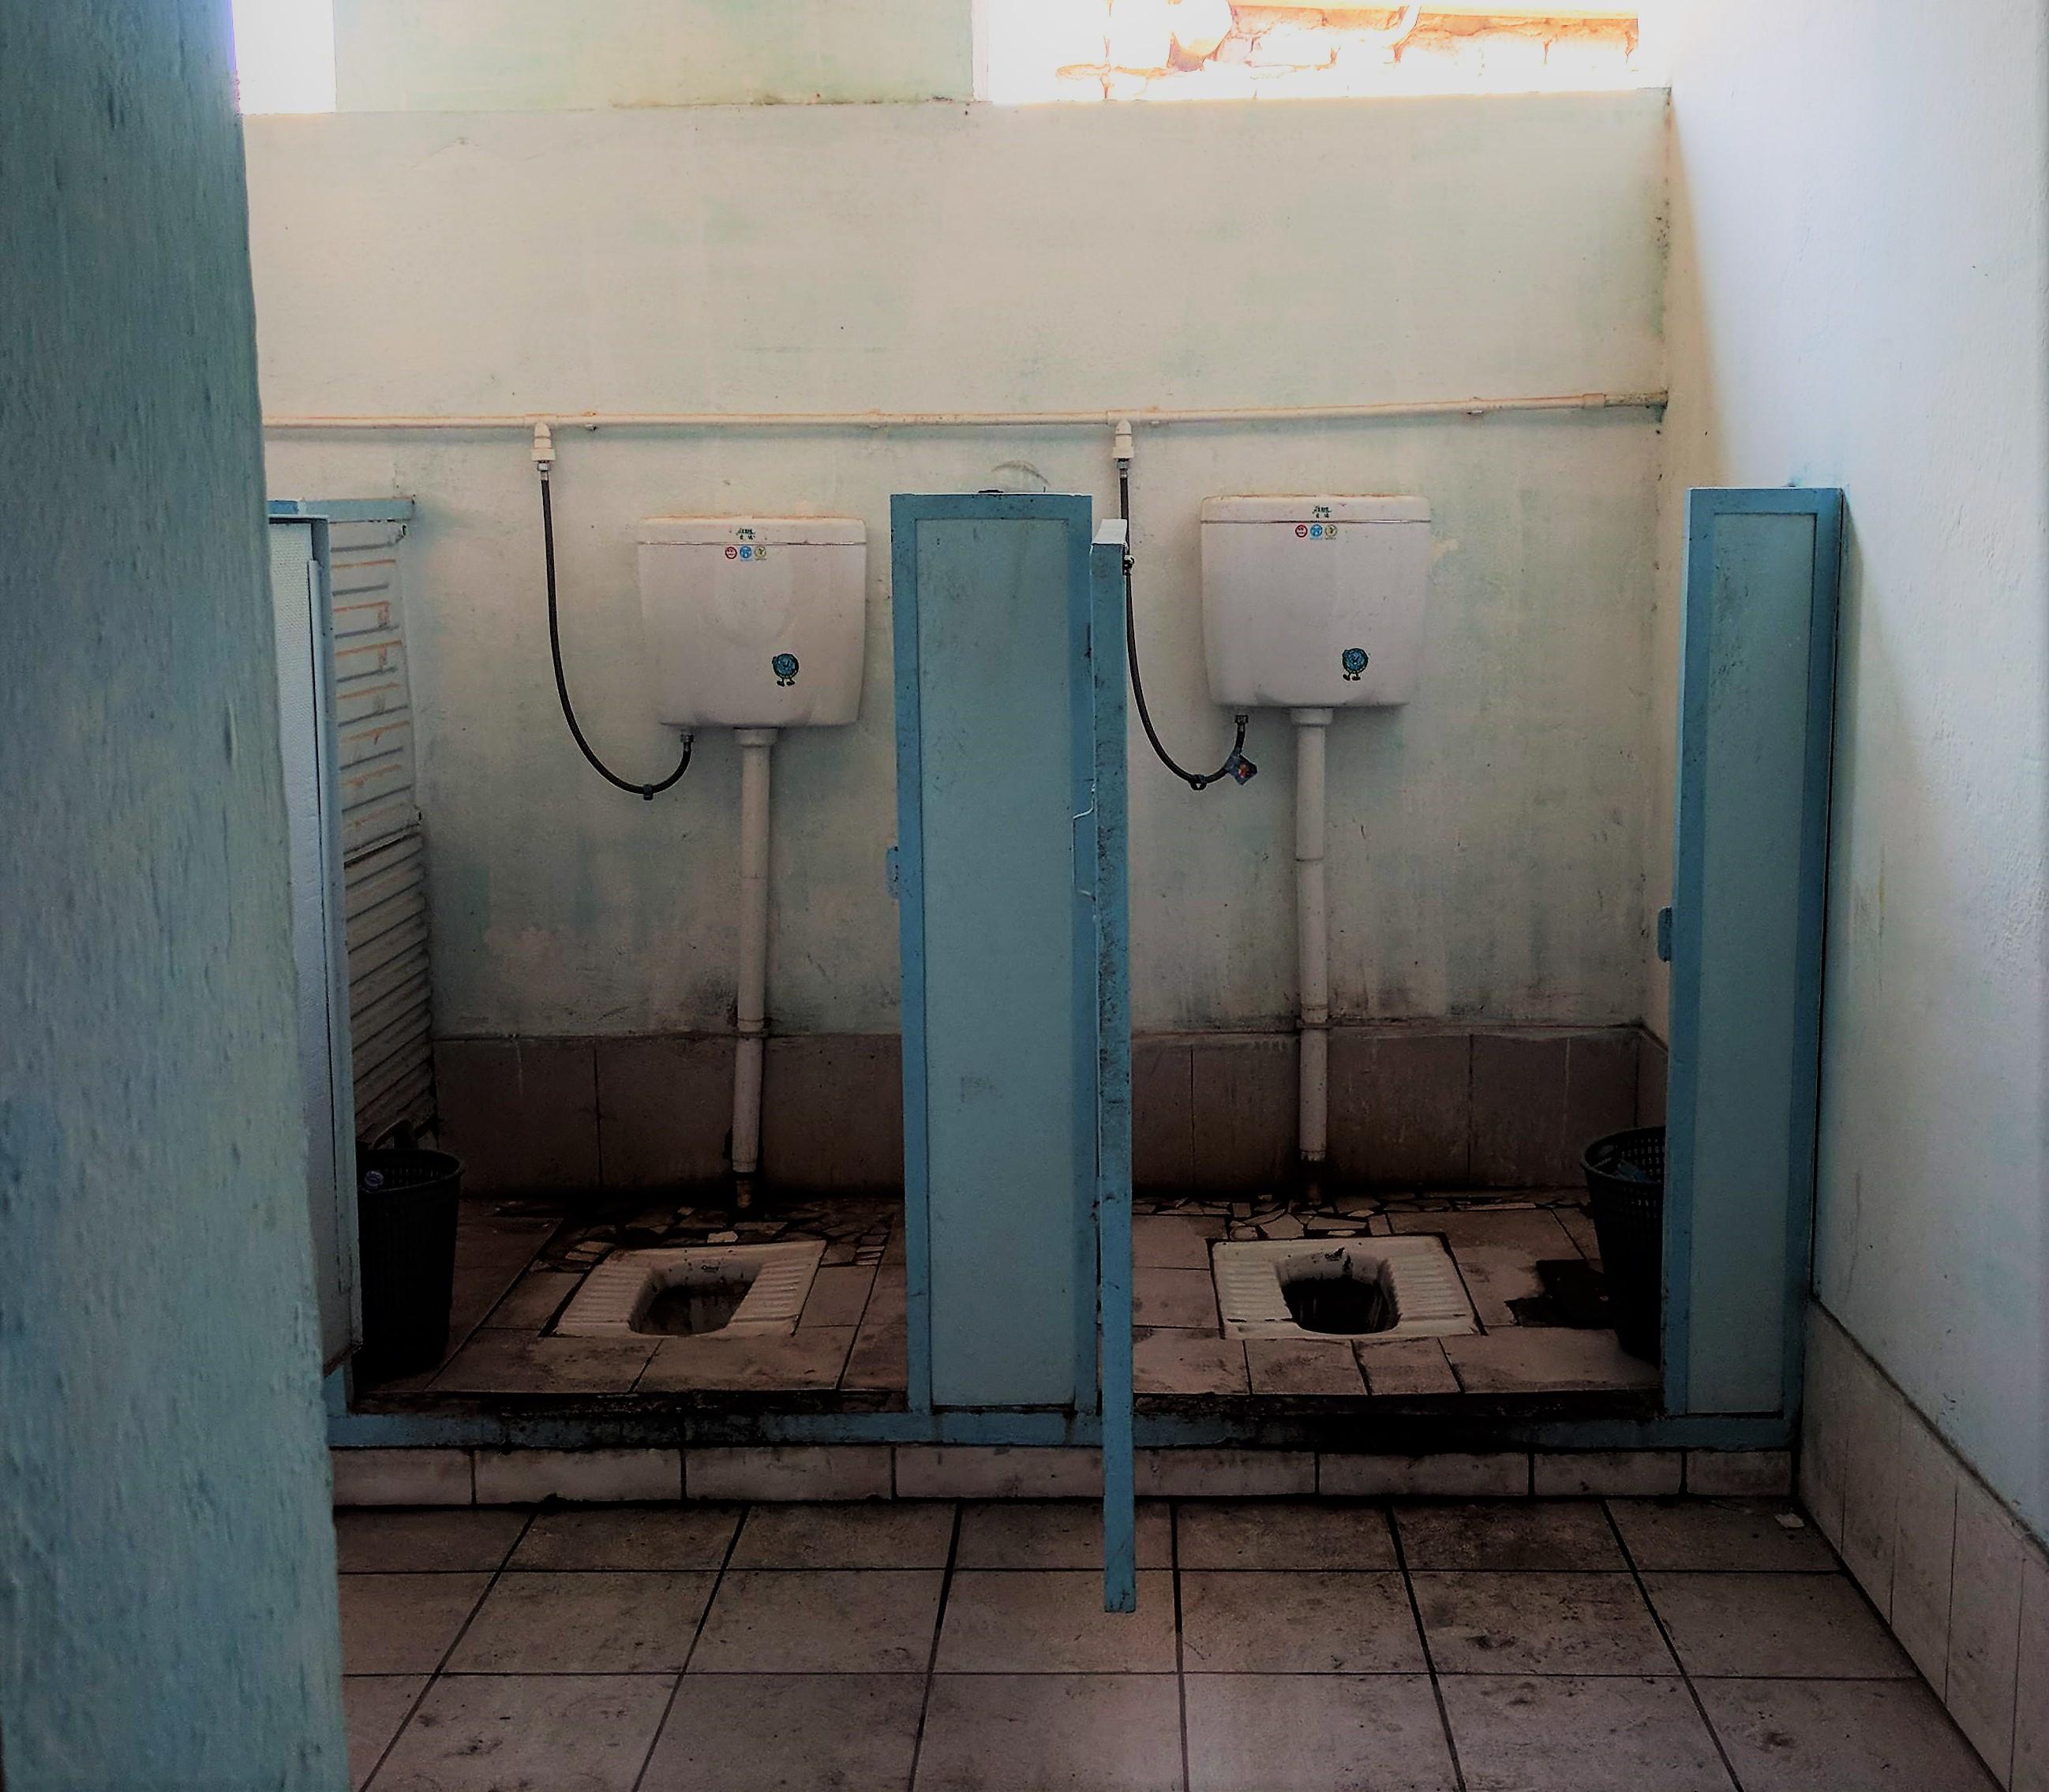 De gemiddelde wc in de Fergana Valley